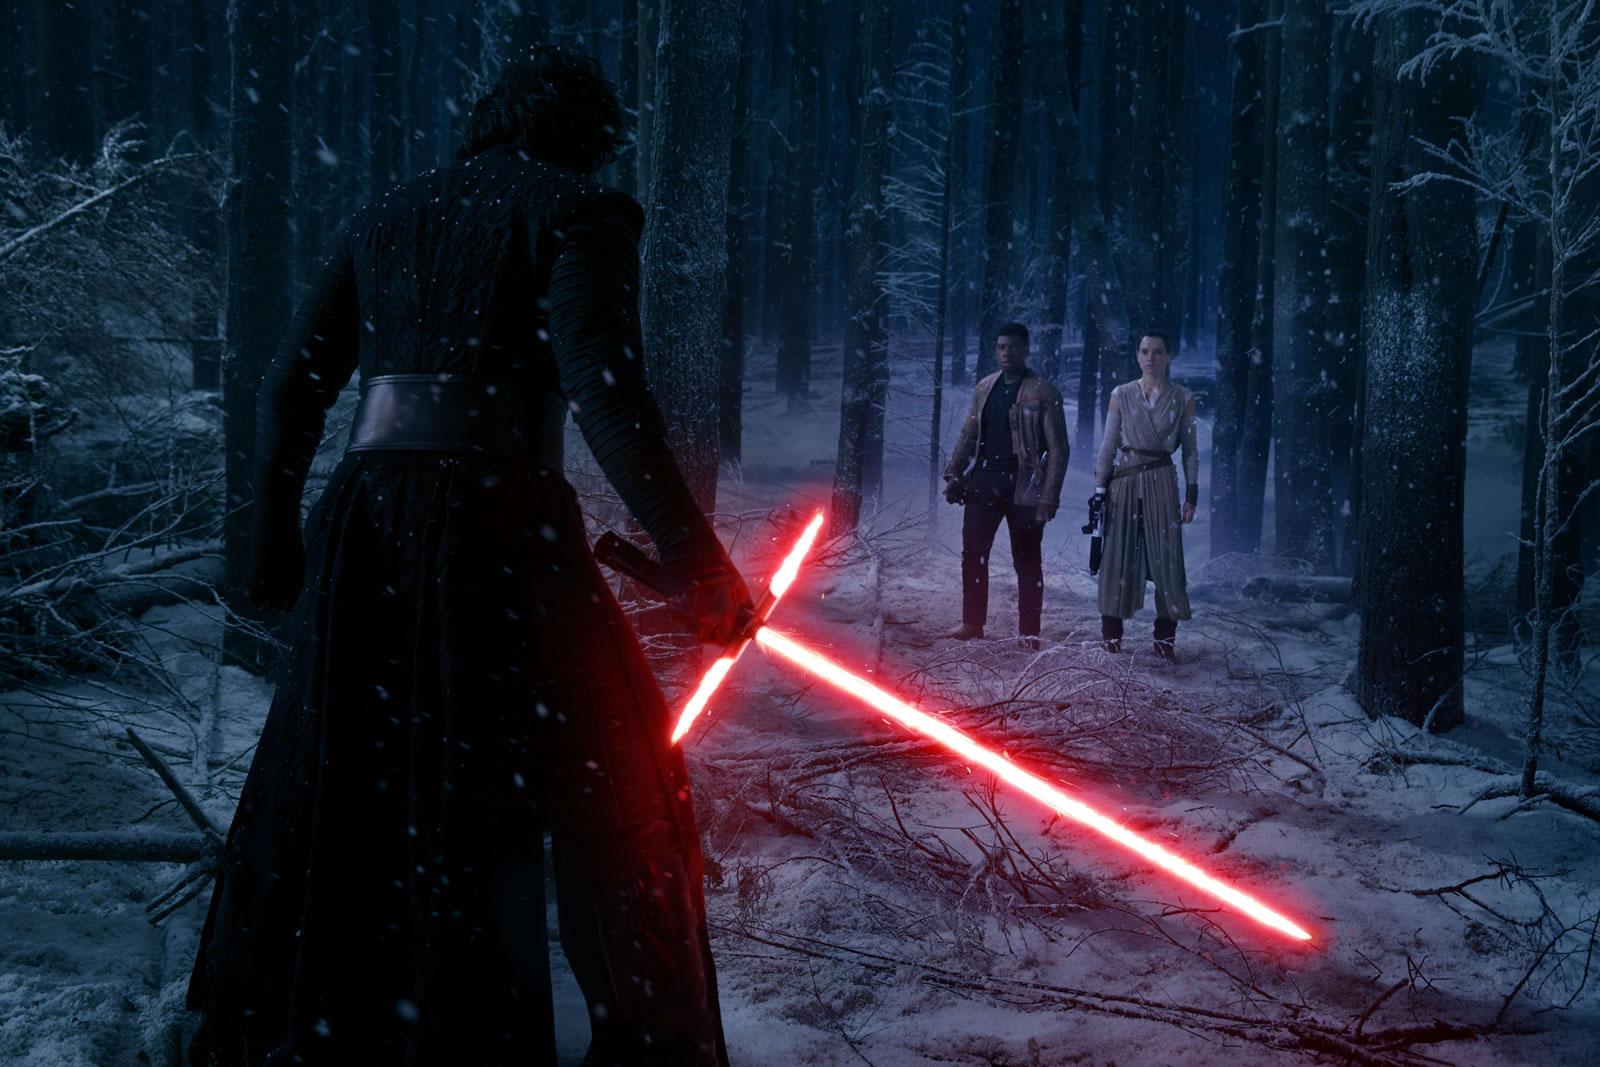 Kết quả hình ảnh cho The Force Awakens wallpaper